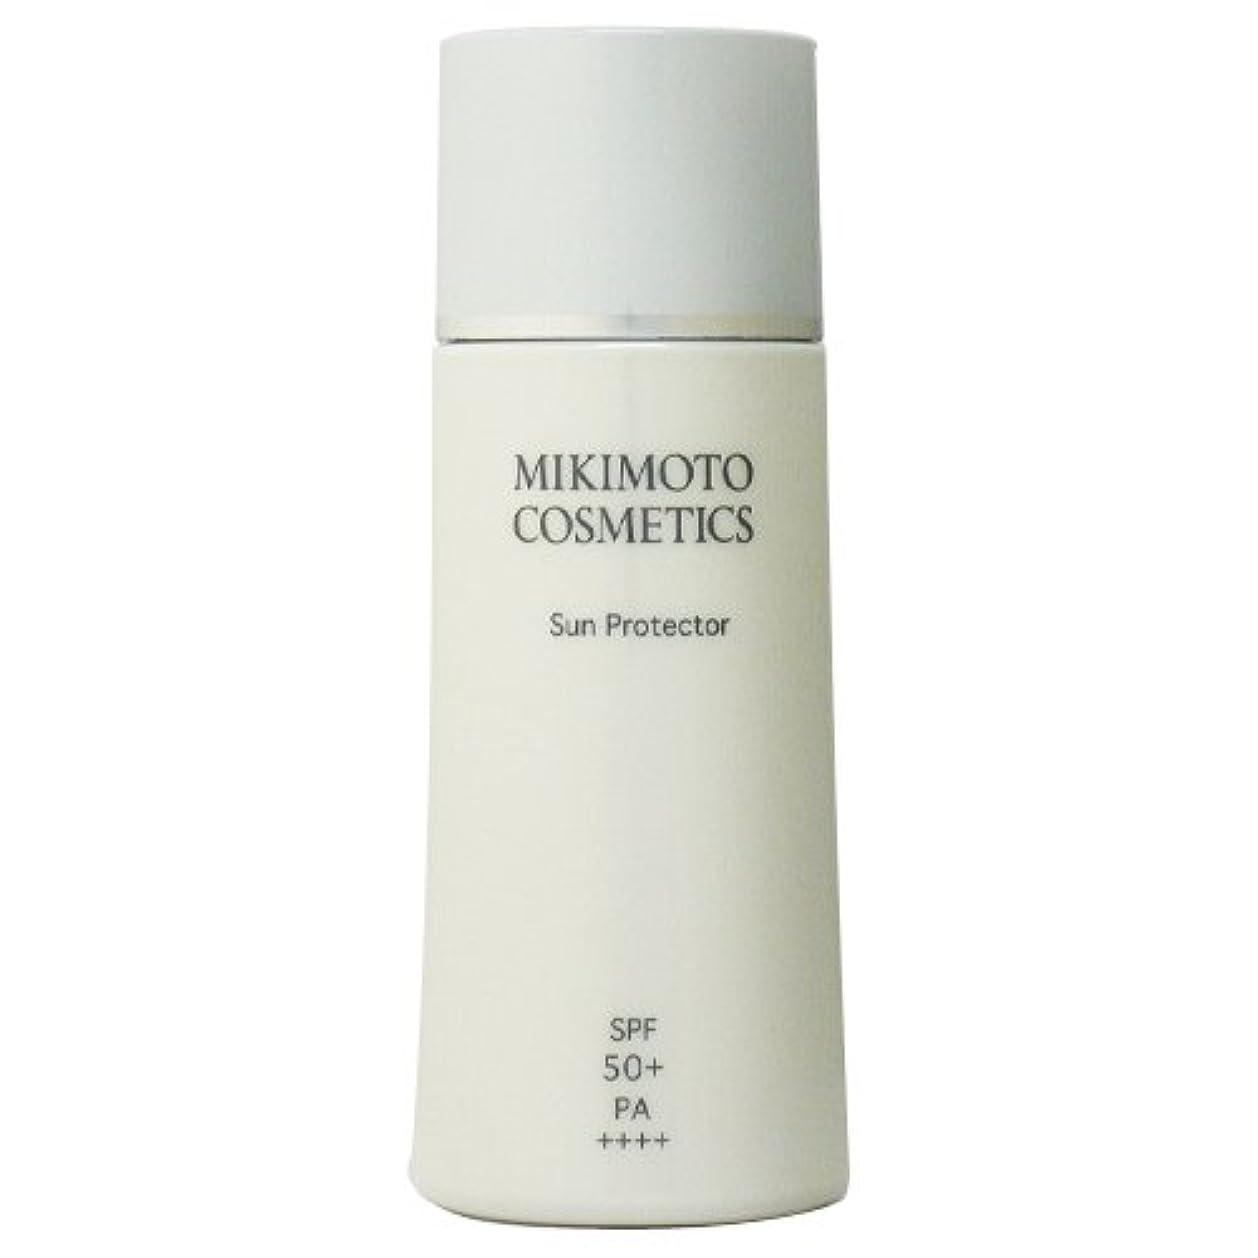 親密なグラム拘束するミキモト化粧品 MIKIMOTO コスメティックス サンプロテクター SPF50+ PA++++ 40mL [ヘルスケア&ケア用品]